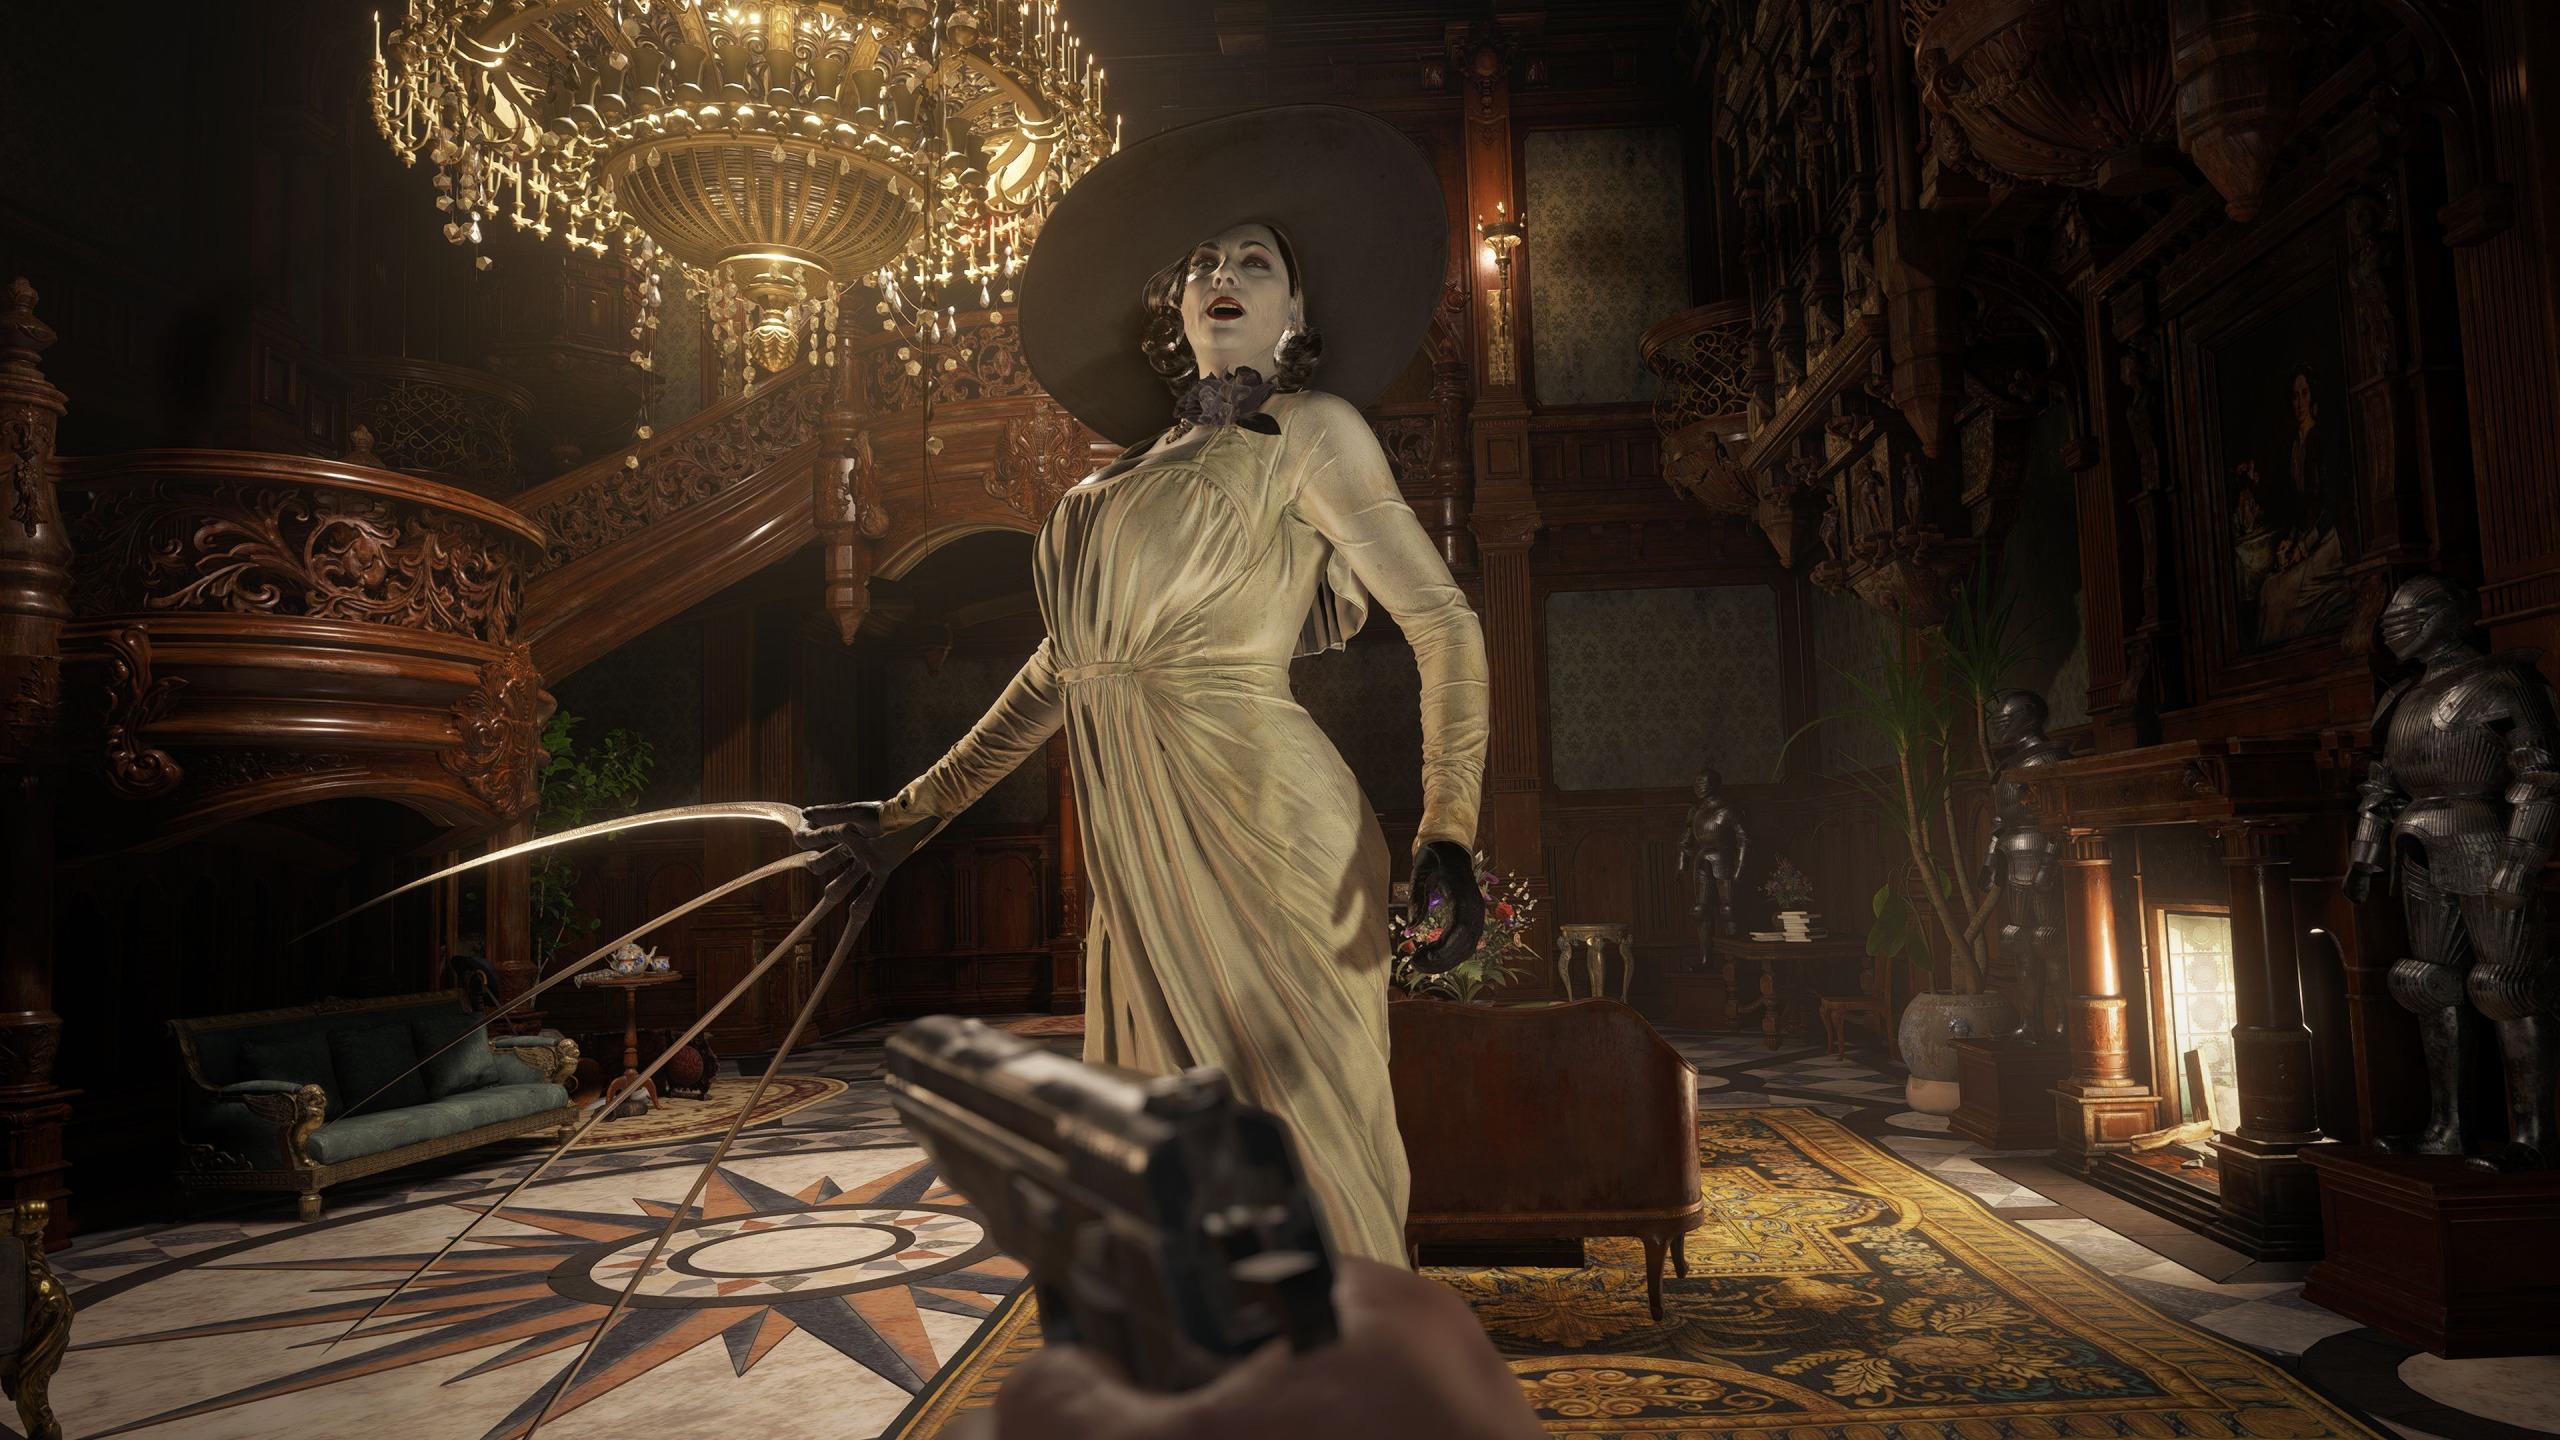 制作组太用心了 玩家发现《生化危机8》小细节